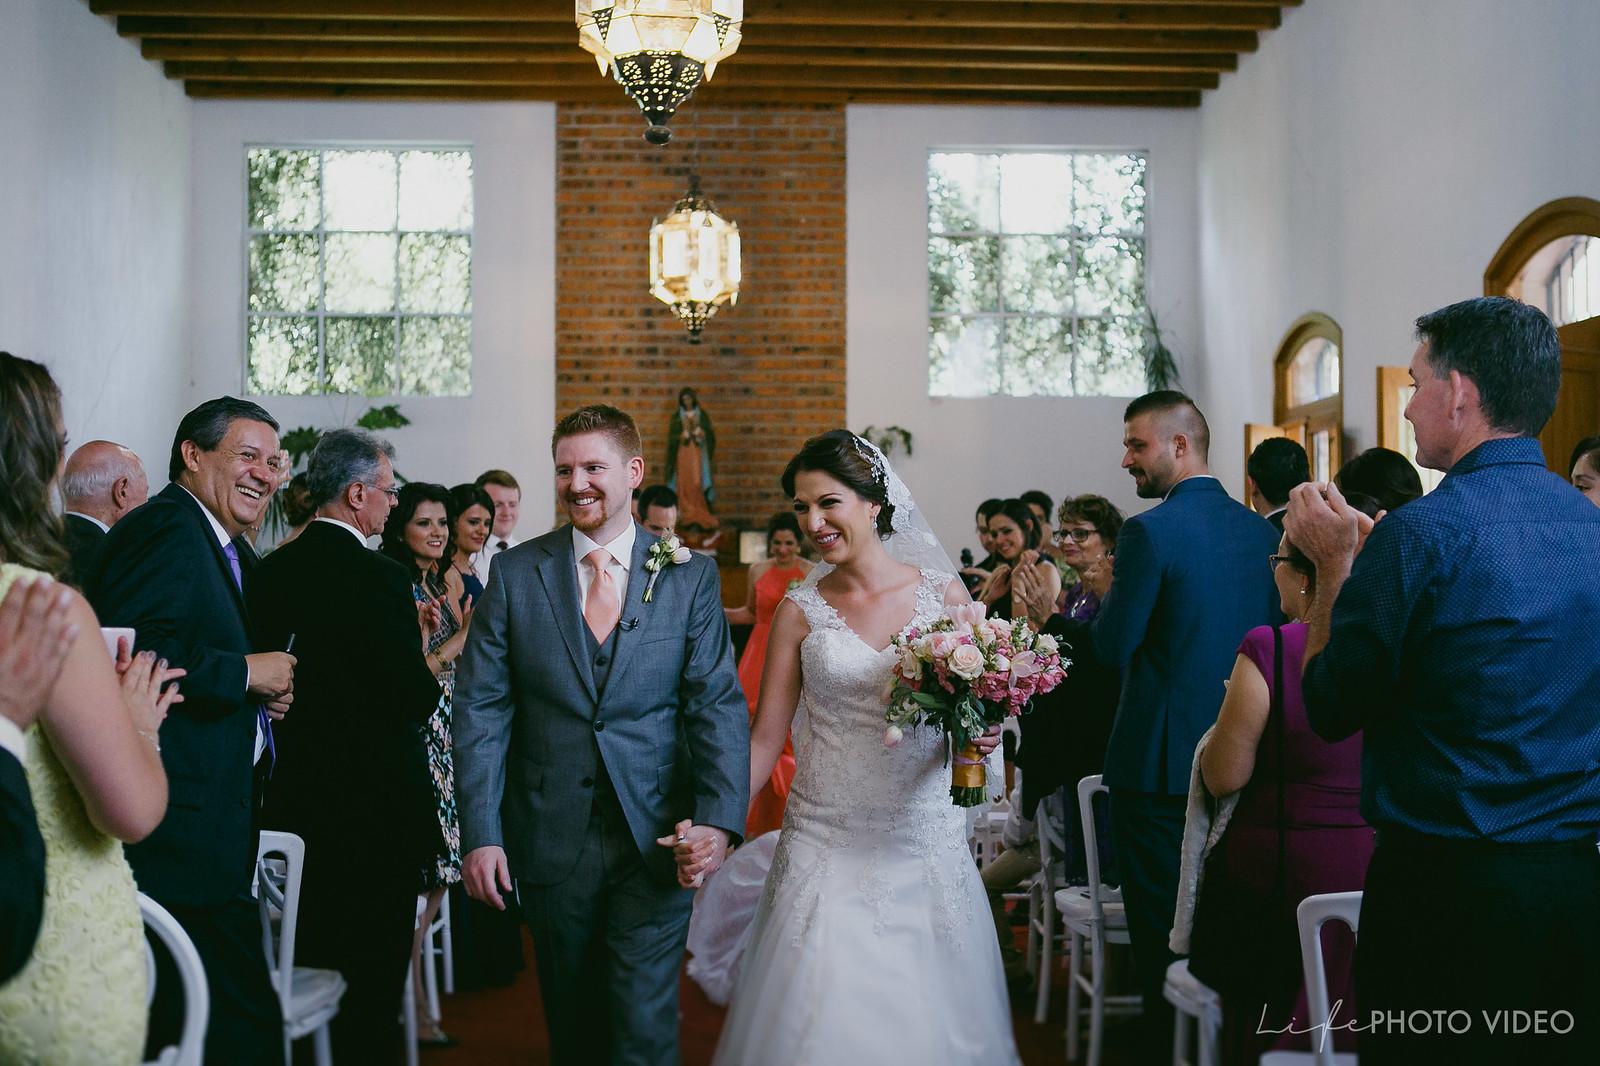 LifePhotoVideo_Boda_LeonGto_Wedding_0033.jpg